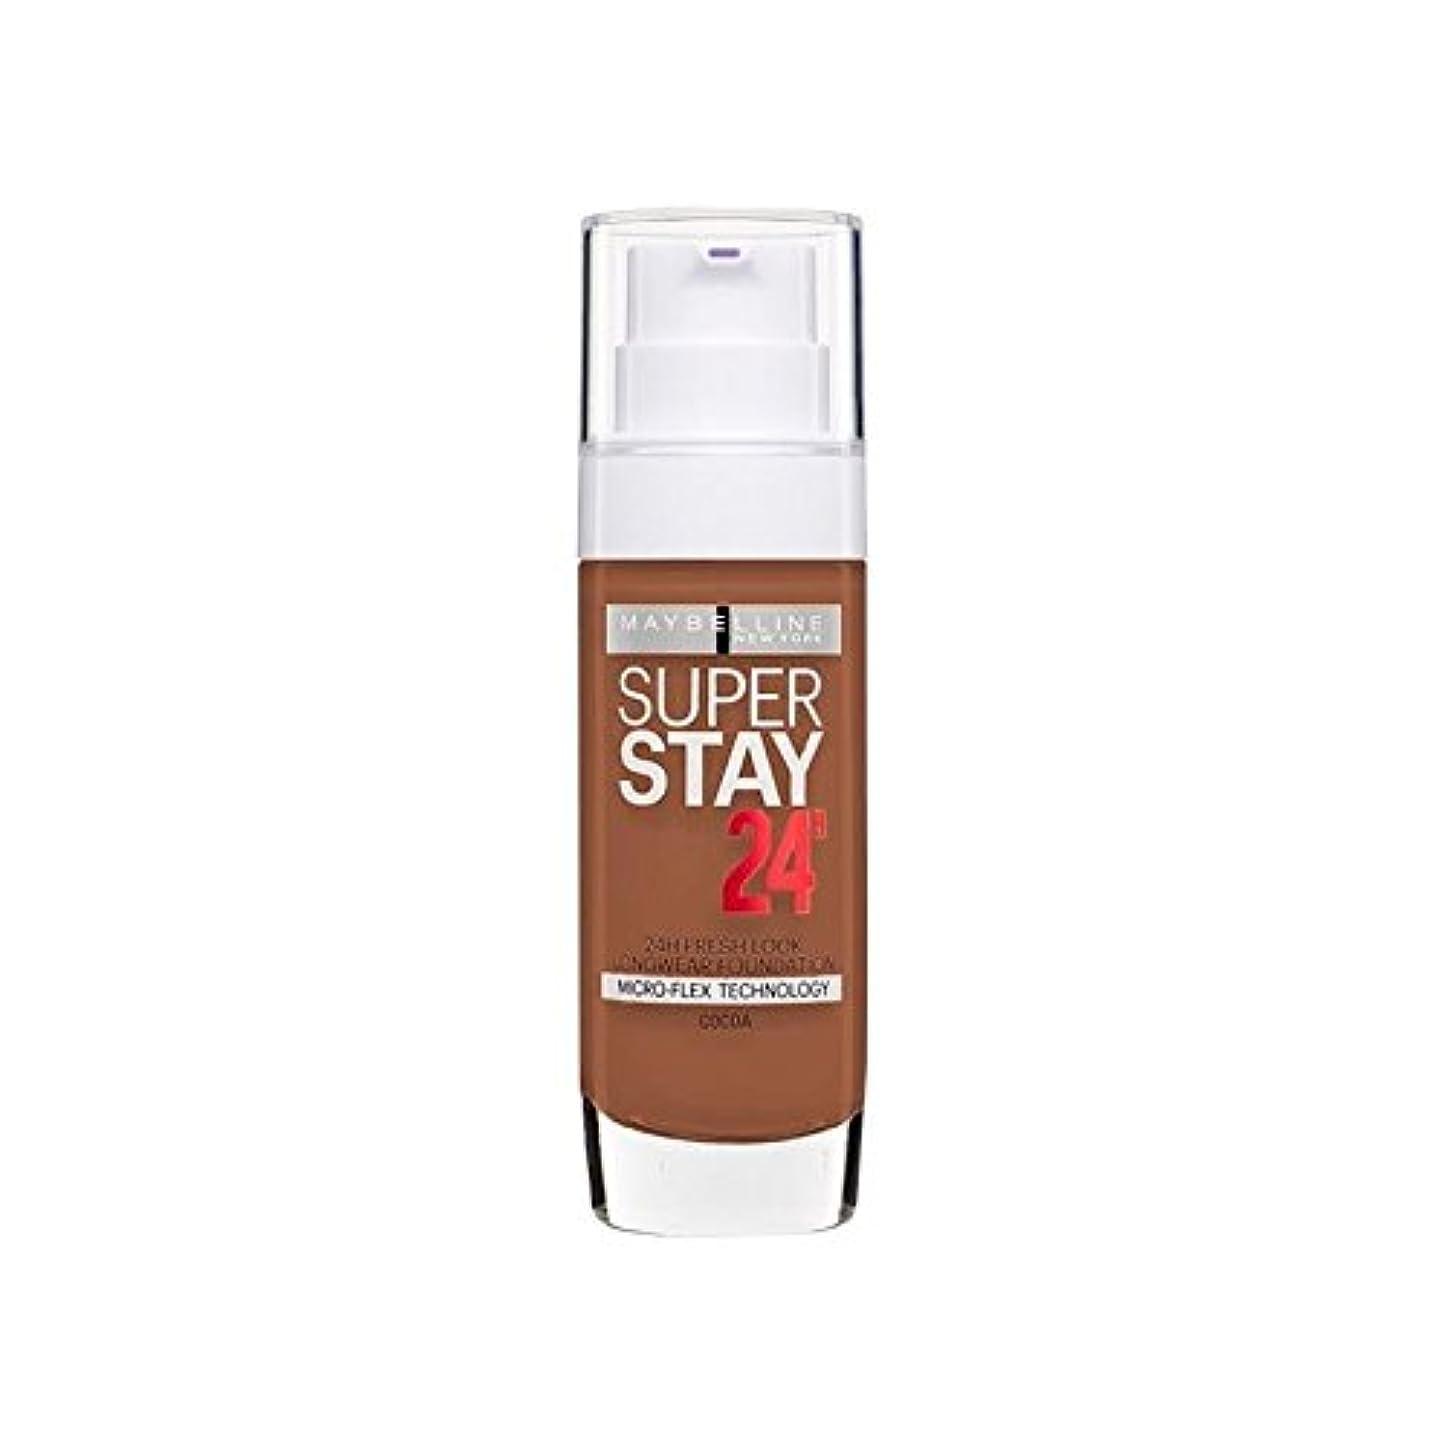 エンジニア現代かみそりMaybelline SuperStay 24h Liquid Foundation 70 Cocoa 30ml - メイベリン 24時間リキッドファンデーション70ココア30ミリリットル [並行輸入品]